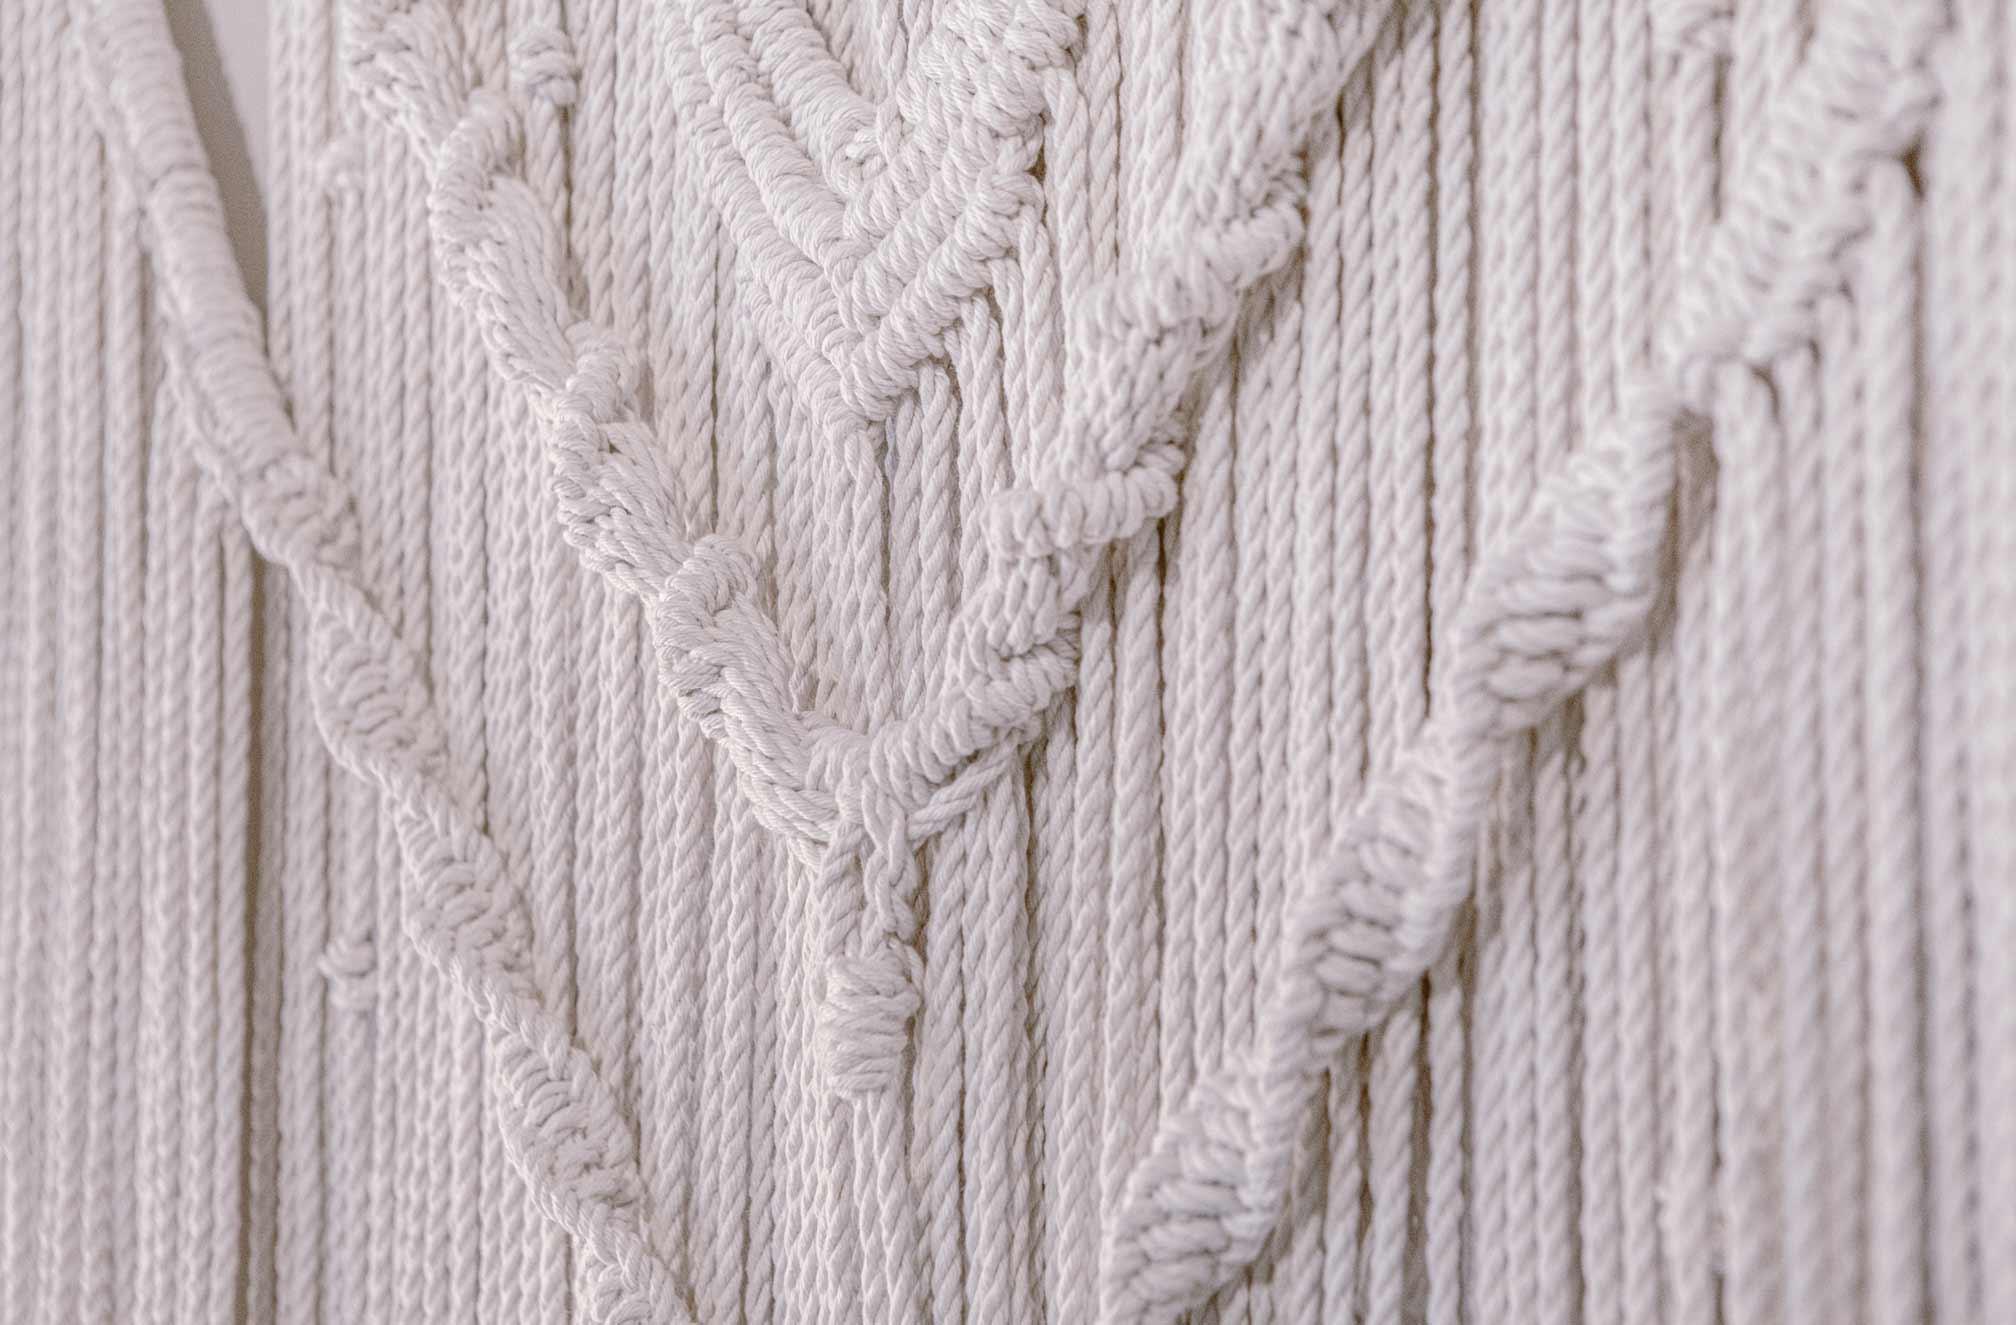 Detalle de nudos parte media de tapiz artesanal de macramé hecho con algodón orgánico y materiales sostenibles